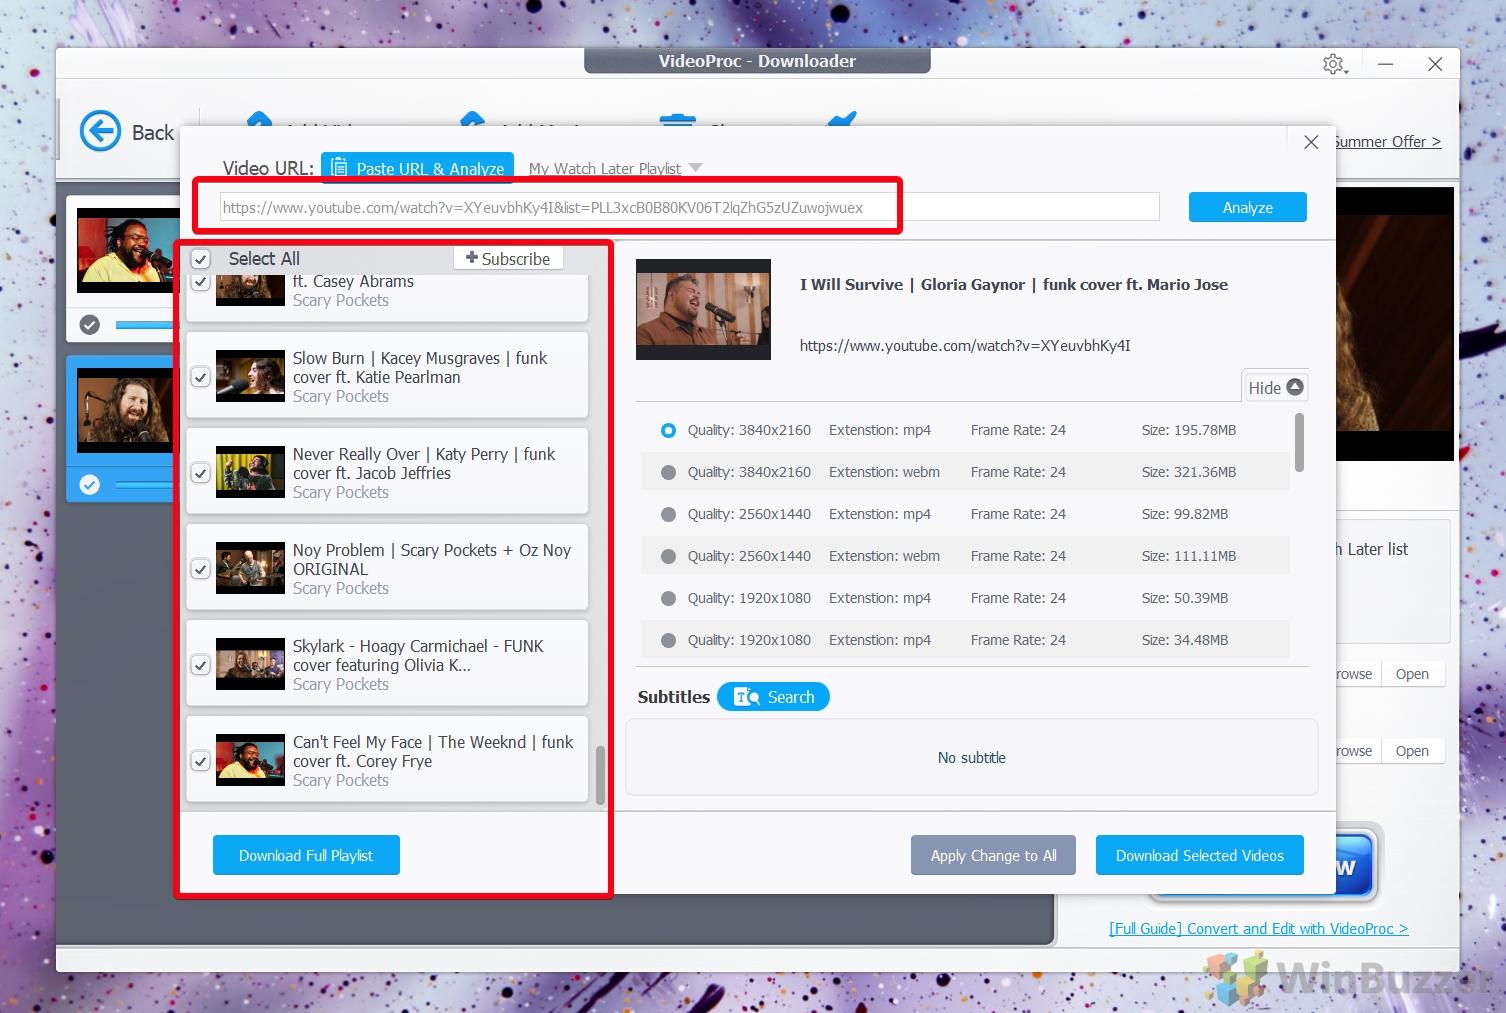 VideoProc Video Downloader